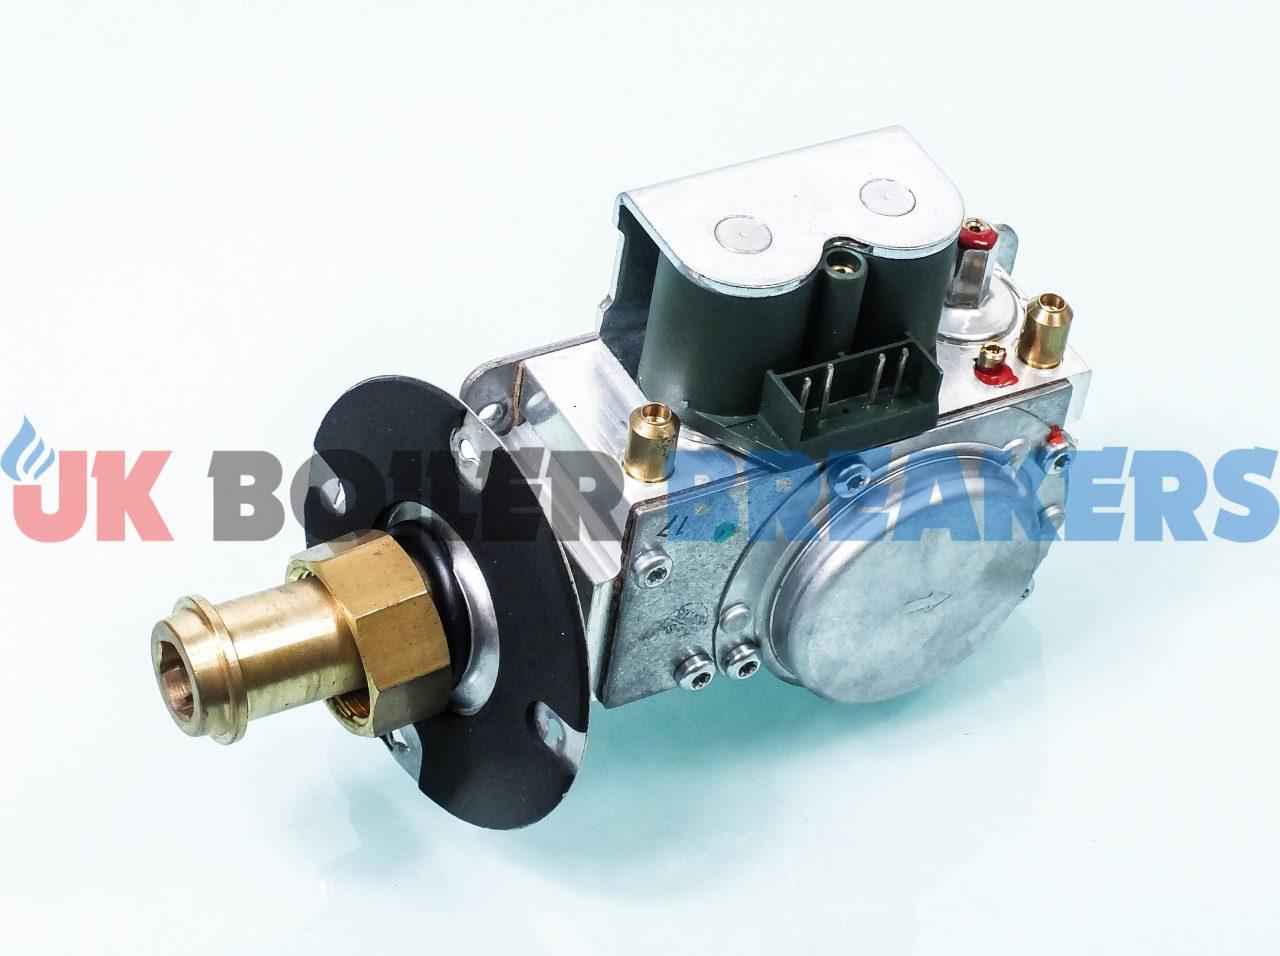 GlowWorm Gas Valve 2000802664 GC- 47-047-24 - UK BoilerBreakers